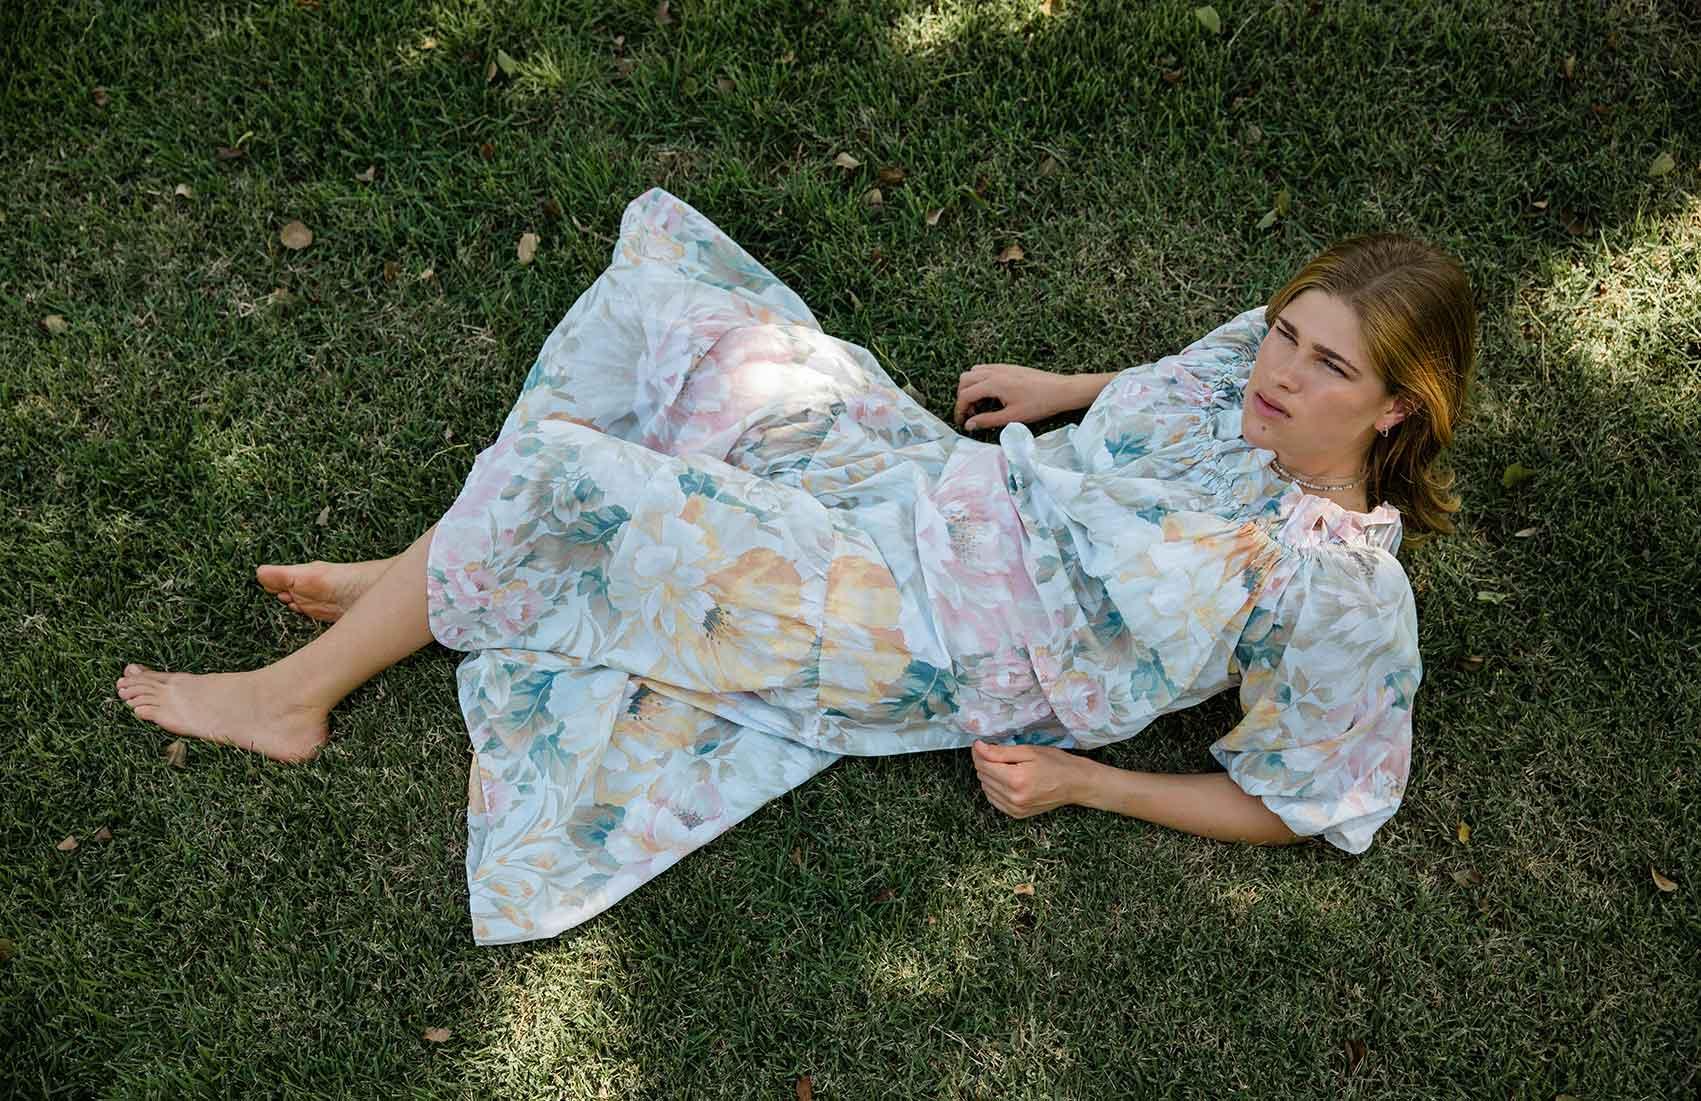 אופנה ישראלית-הפקת אופנה באווירה כפרית